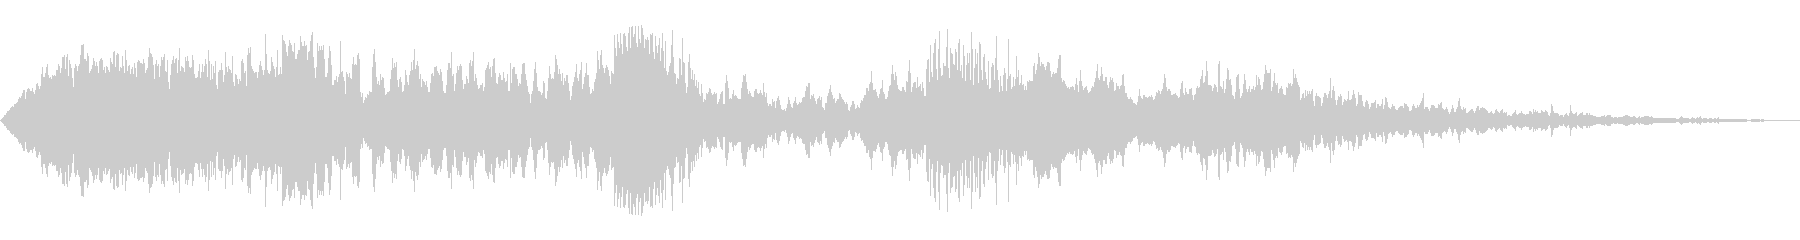 ドッドッ...(生命感あふれる環境音楽)の未再生の波形